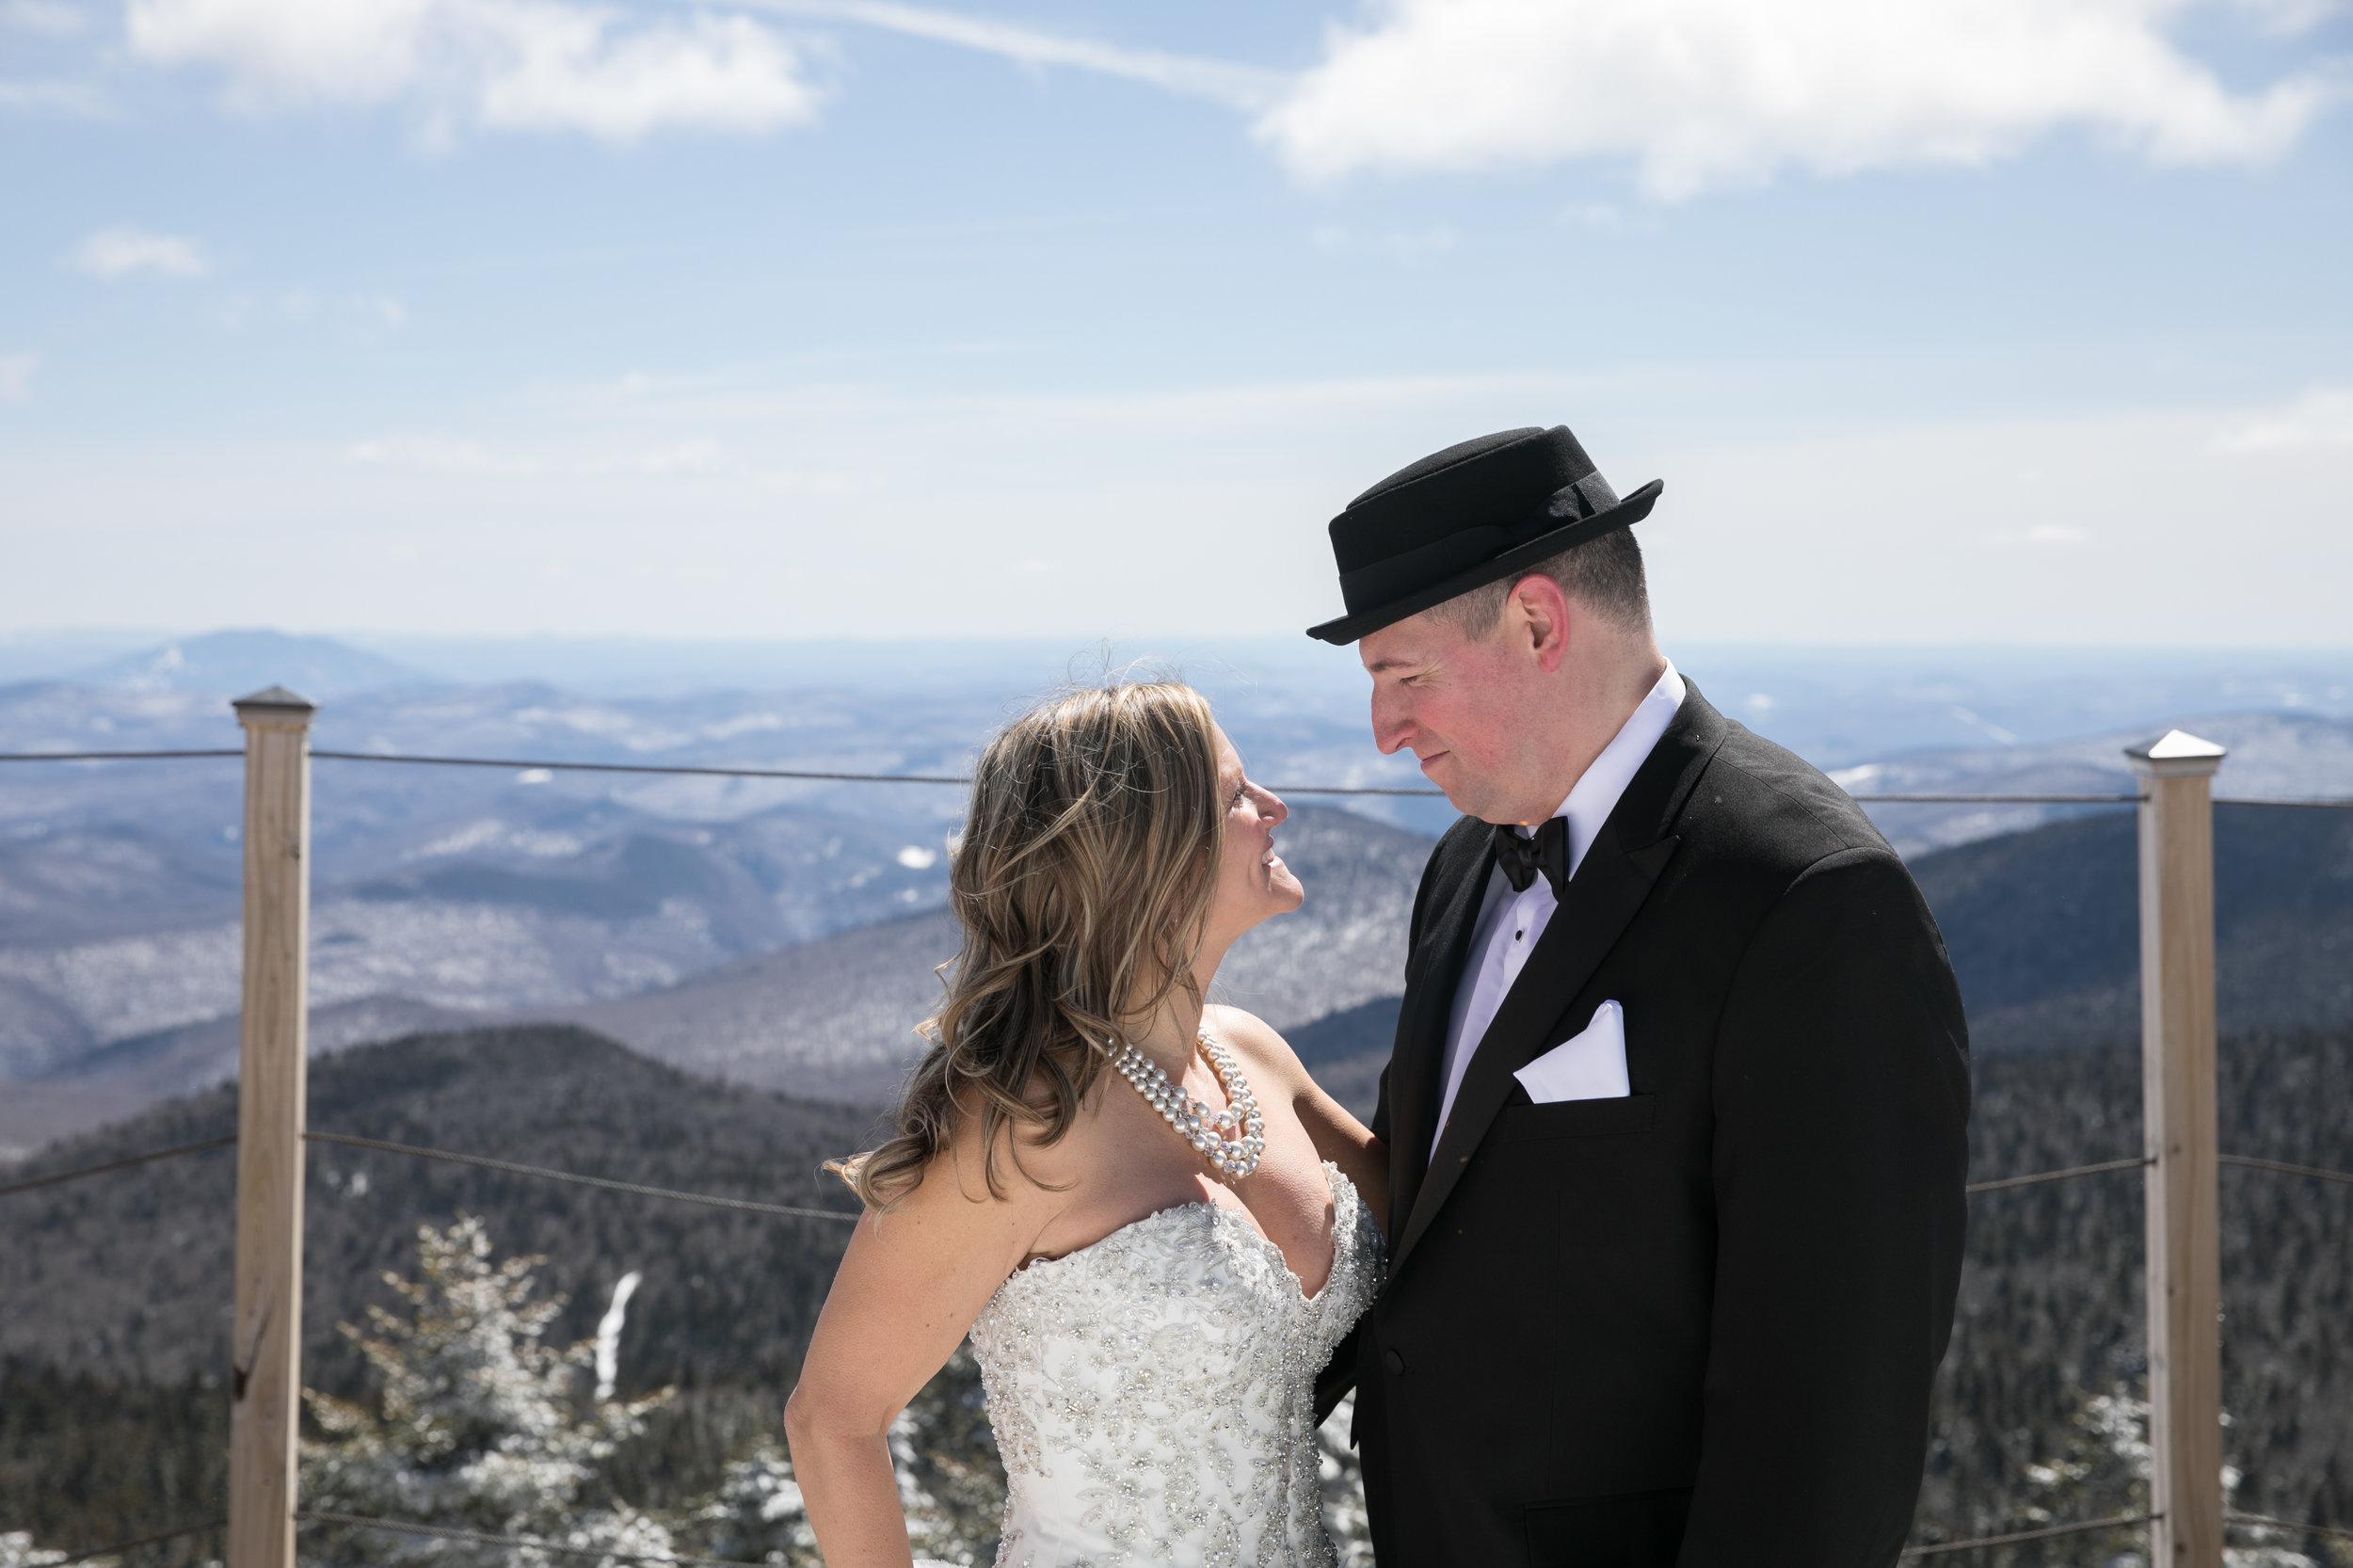 Amy & John - April 9, 2018 @  Killington Peak Lodge  - Killington, Vermont